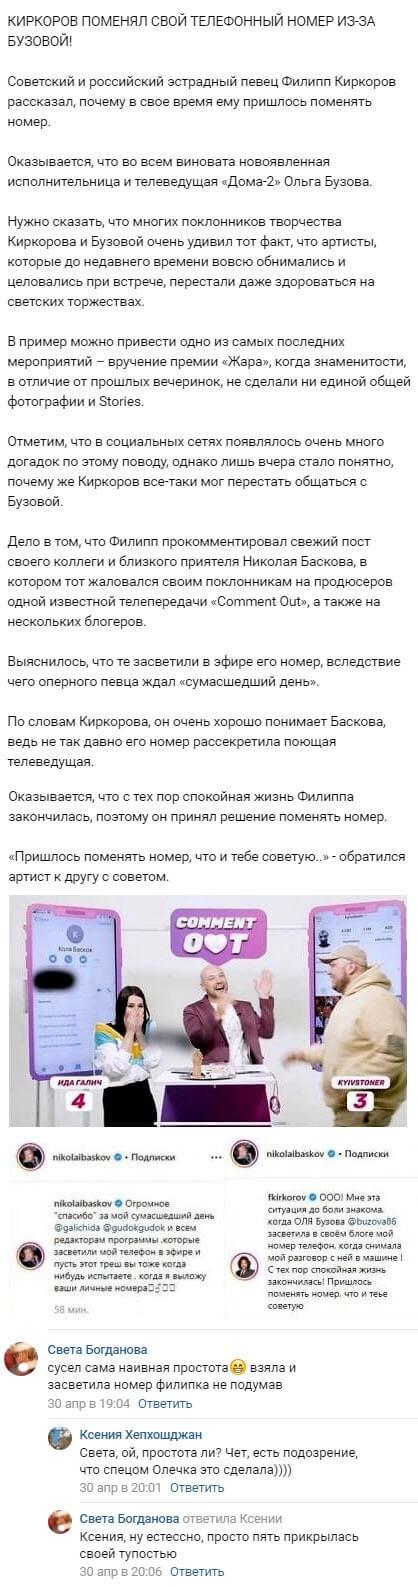 Филипп Киркоров объяснил почему оборвал общение с Ольгой Бузовой